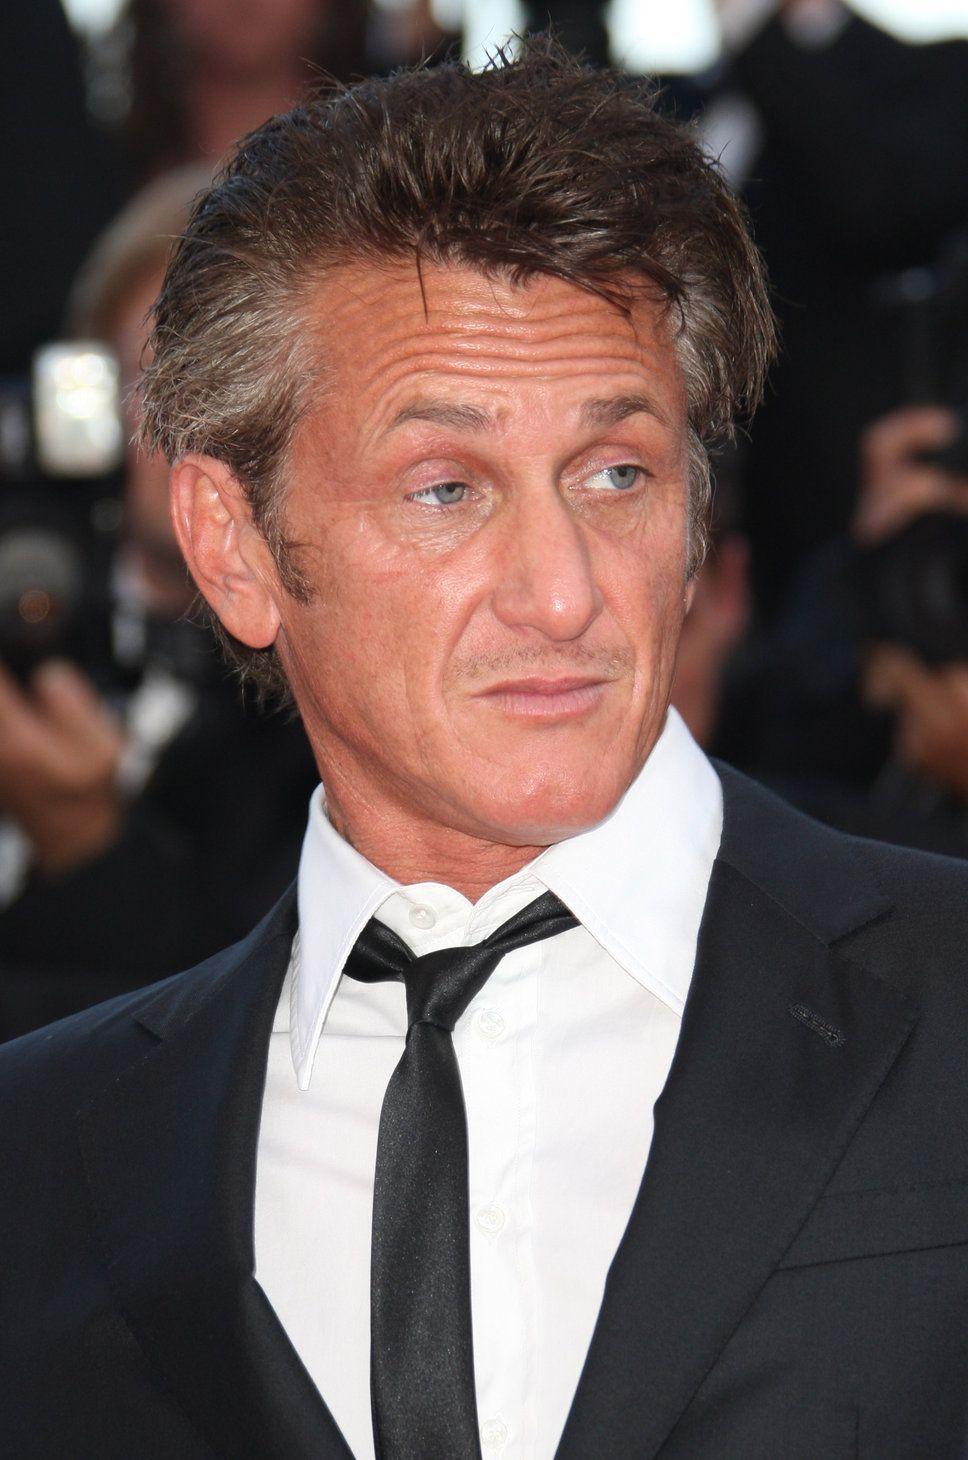 9. Sean Penn